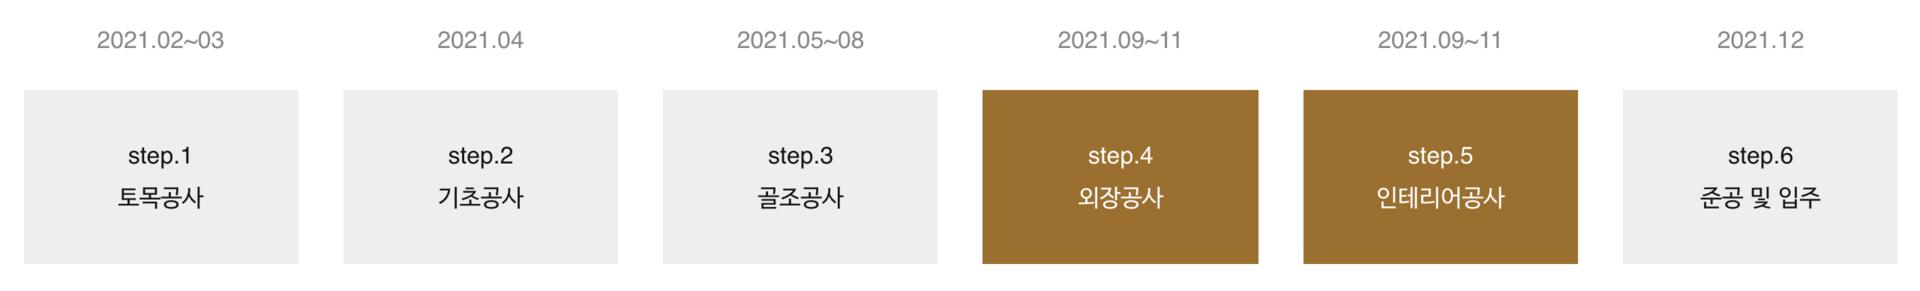 방이동 슬로우밀리 113 - 8월 공사 진행 상황